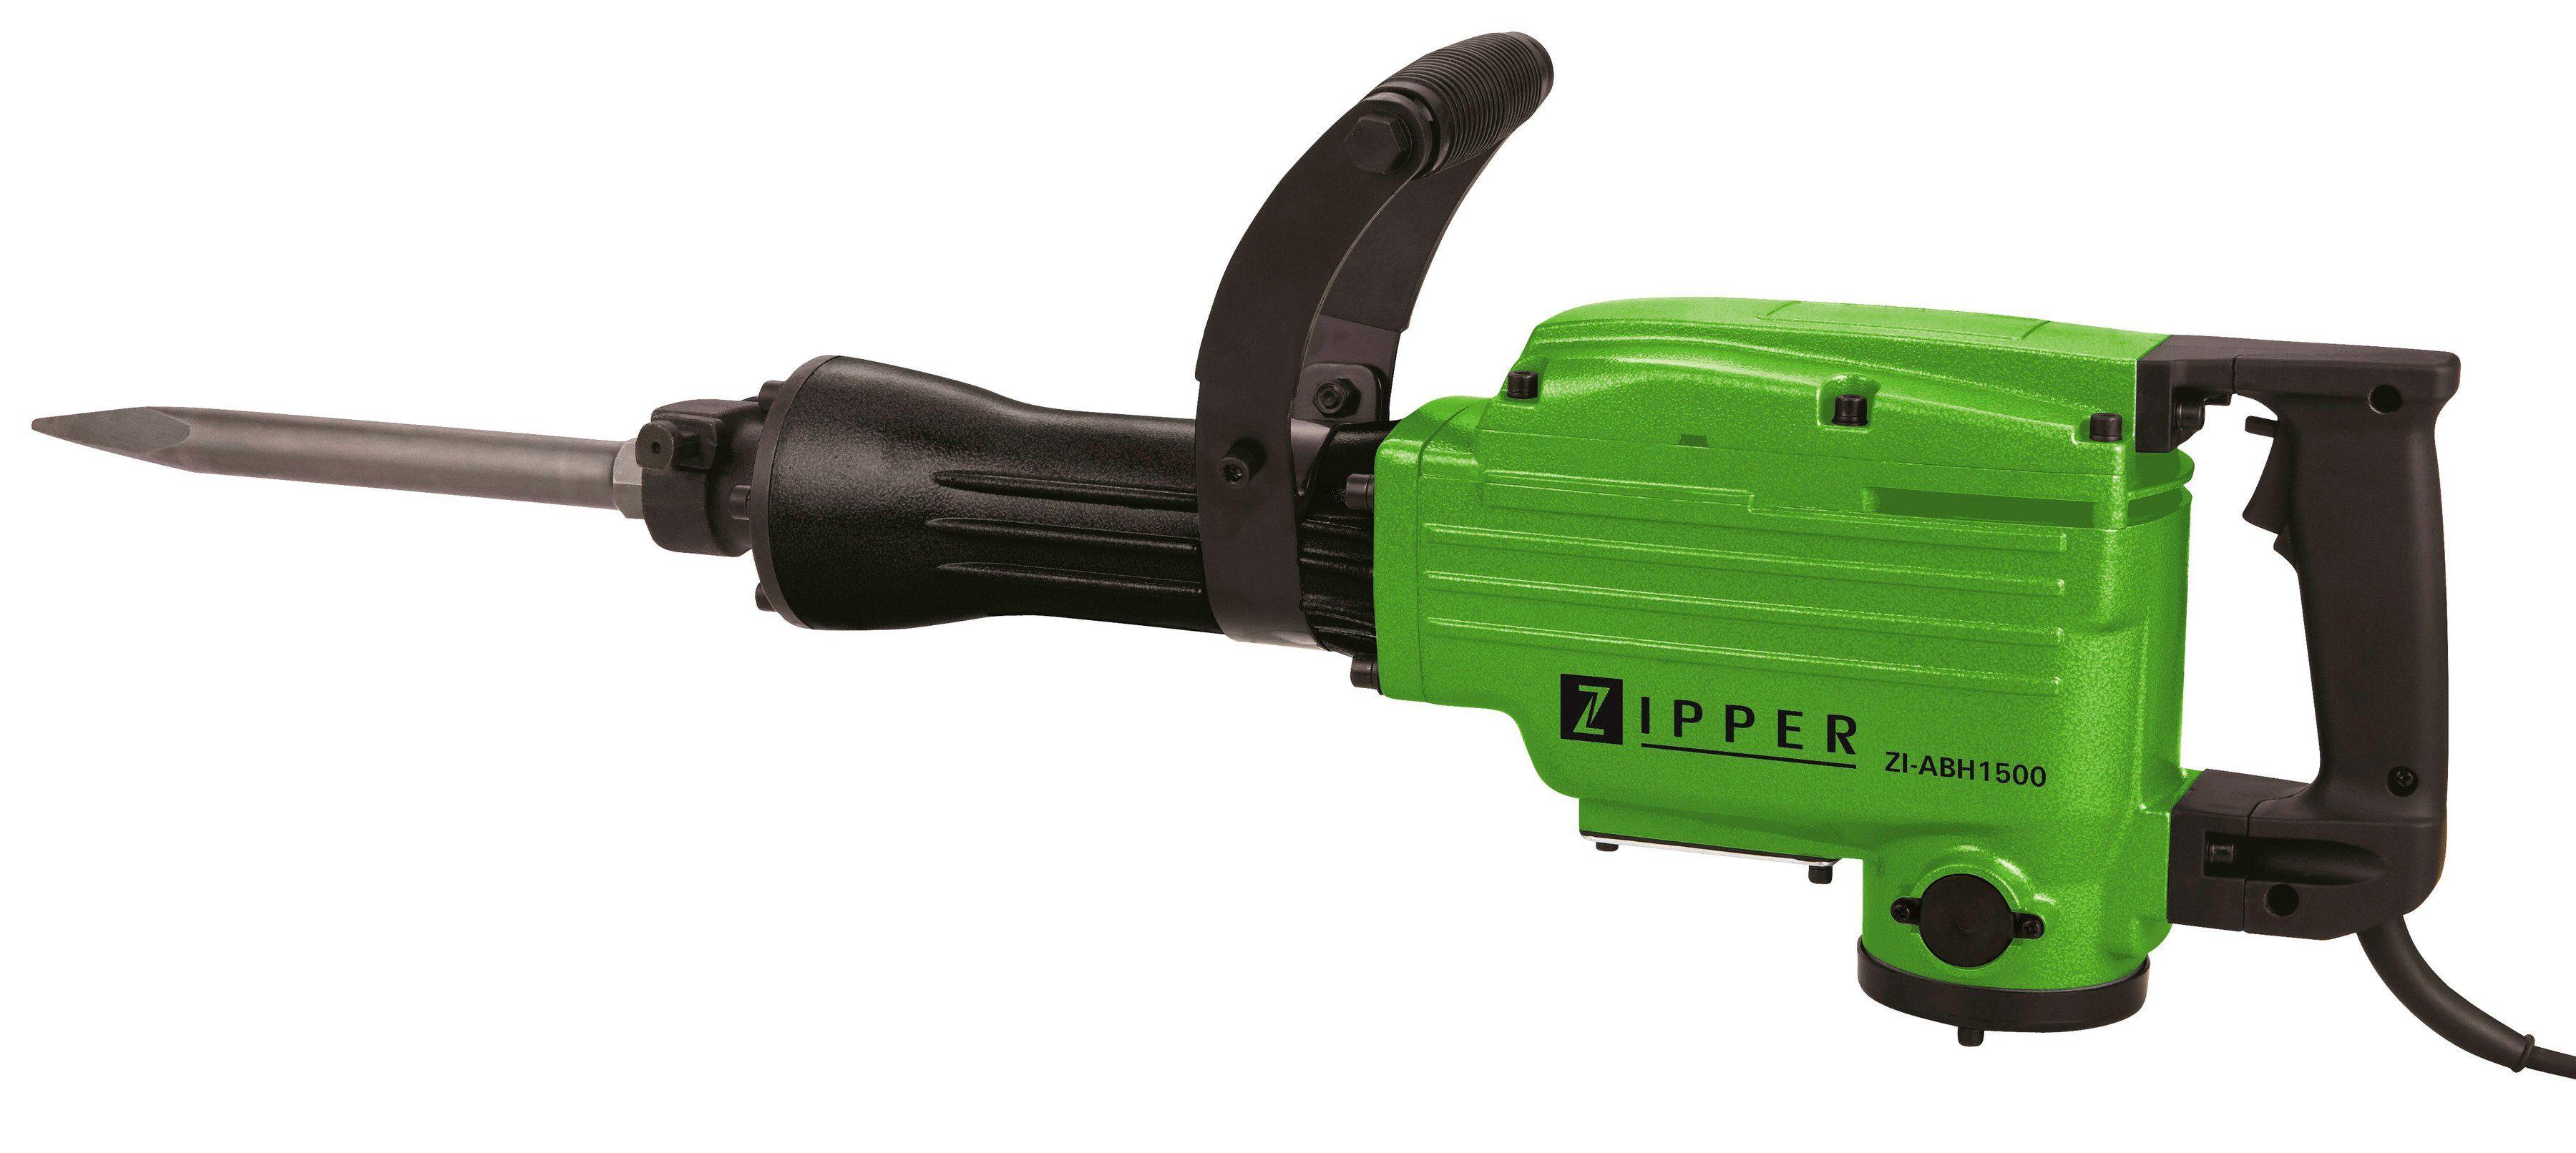 Zipper Abbruchhammer »ZI-ABH1500«